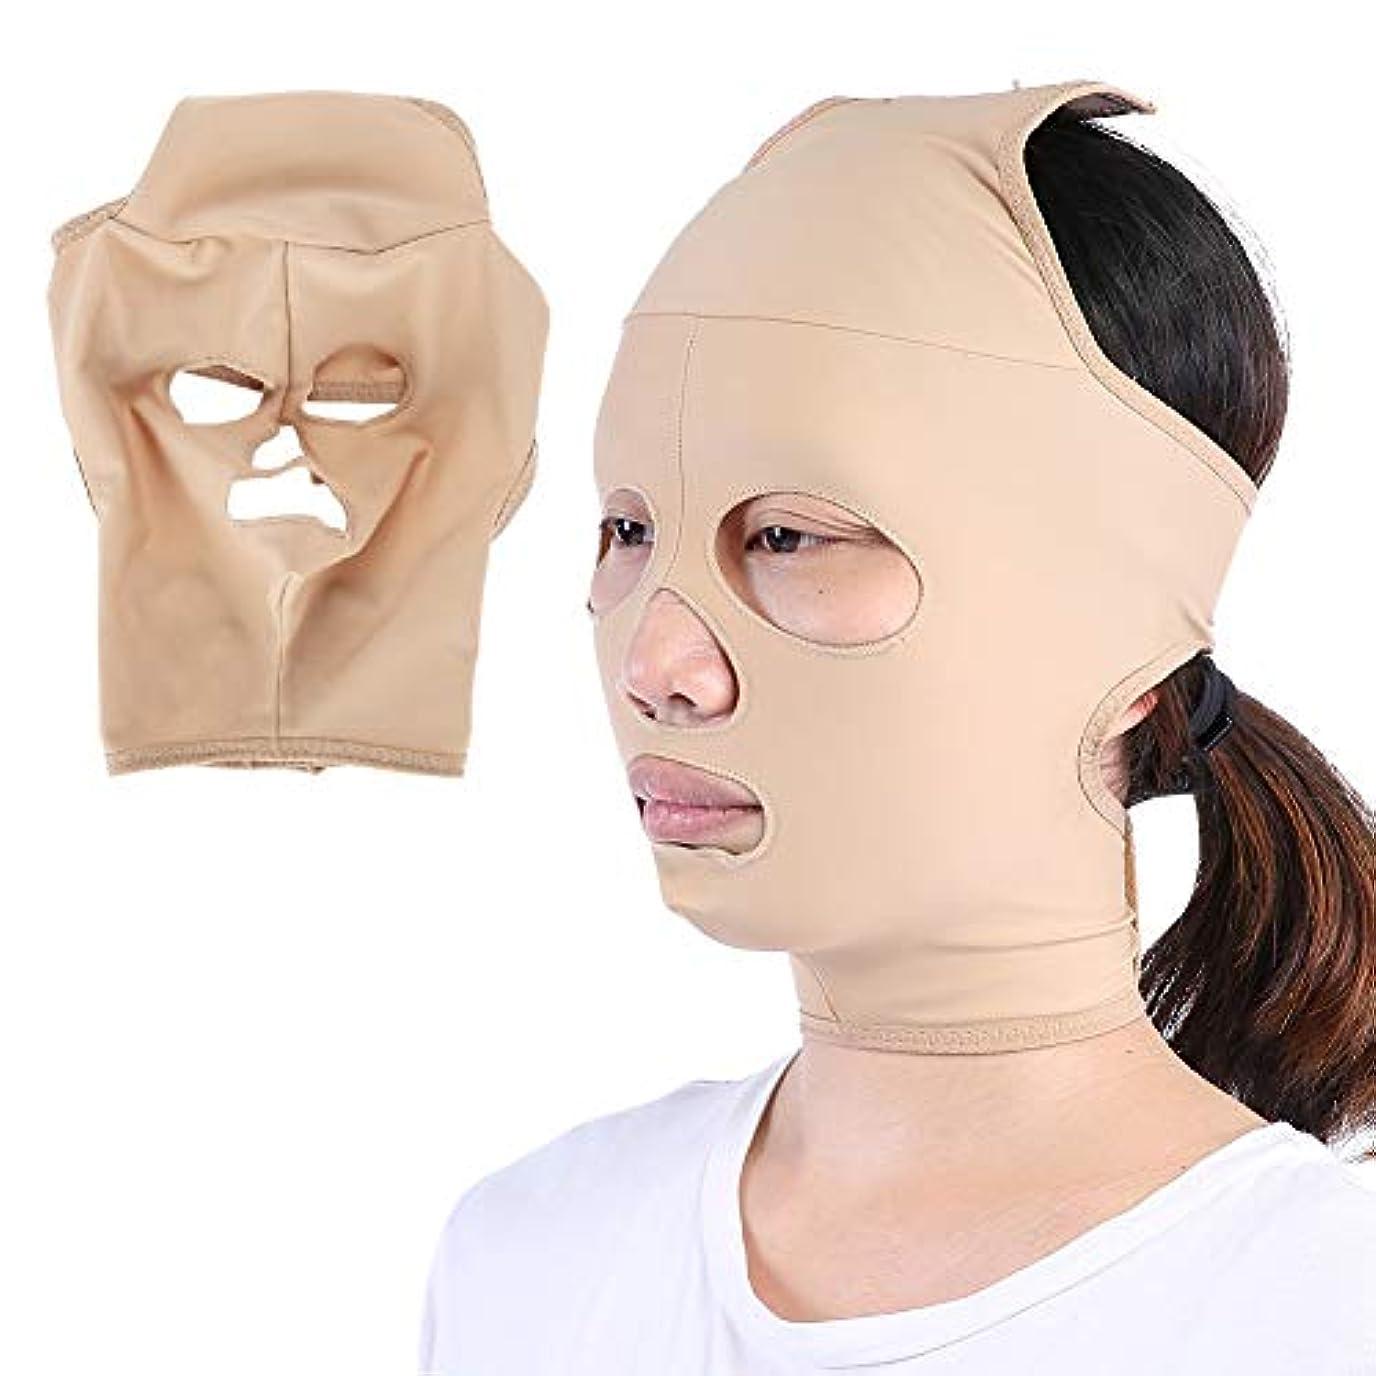 カメカード顔の减量のベルト、完全なカバレッジ 顔のVラインを向上させる 二重顎を減らす二重顎、スキンケア包帯(M)